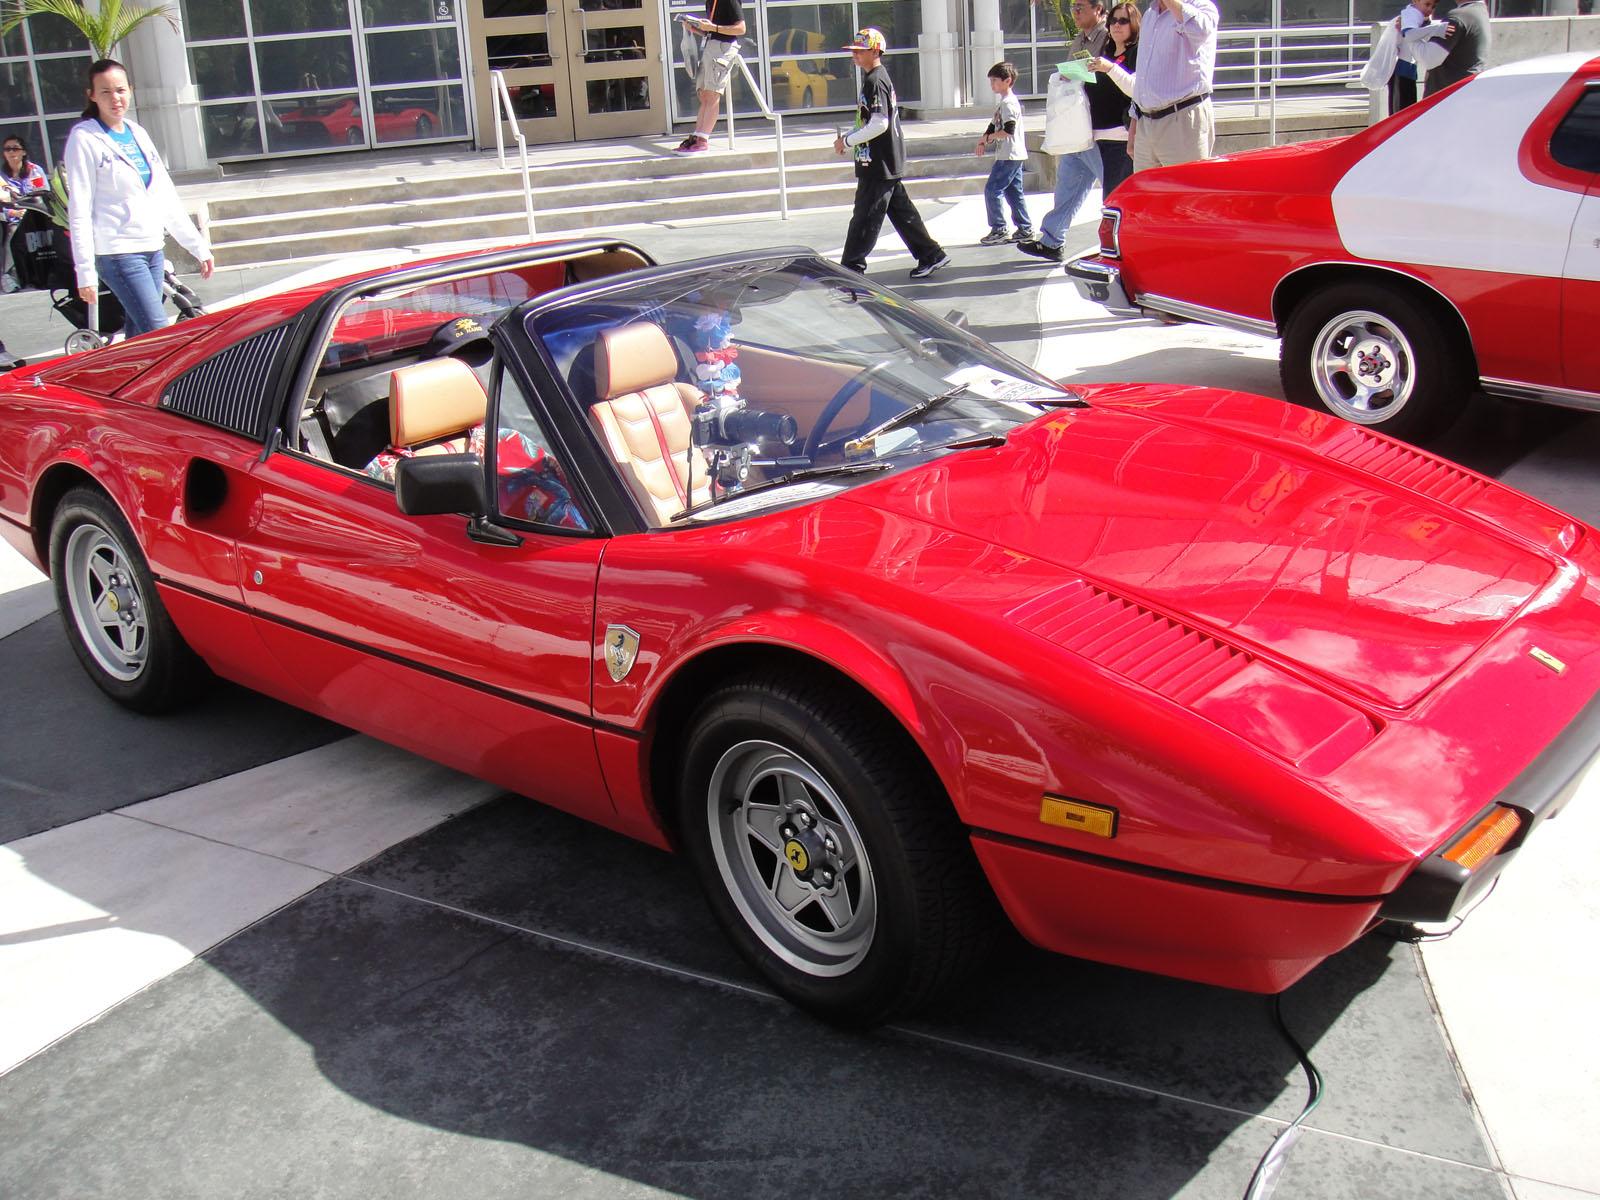 20160515 Ev Ferrari 308 Gte furthermore 1976 Ferrari 308 Gts Converted Electric Sale besides Trattore Ferrari 4x4 furthermore Coupe as well Ferrari 208. on ferrari 308 gts